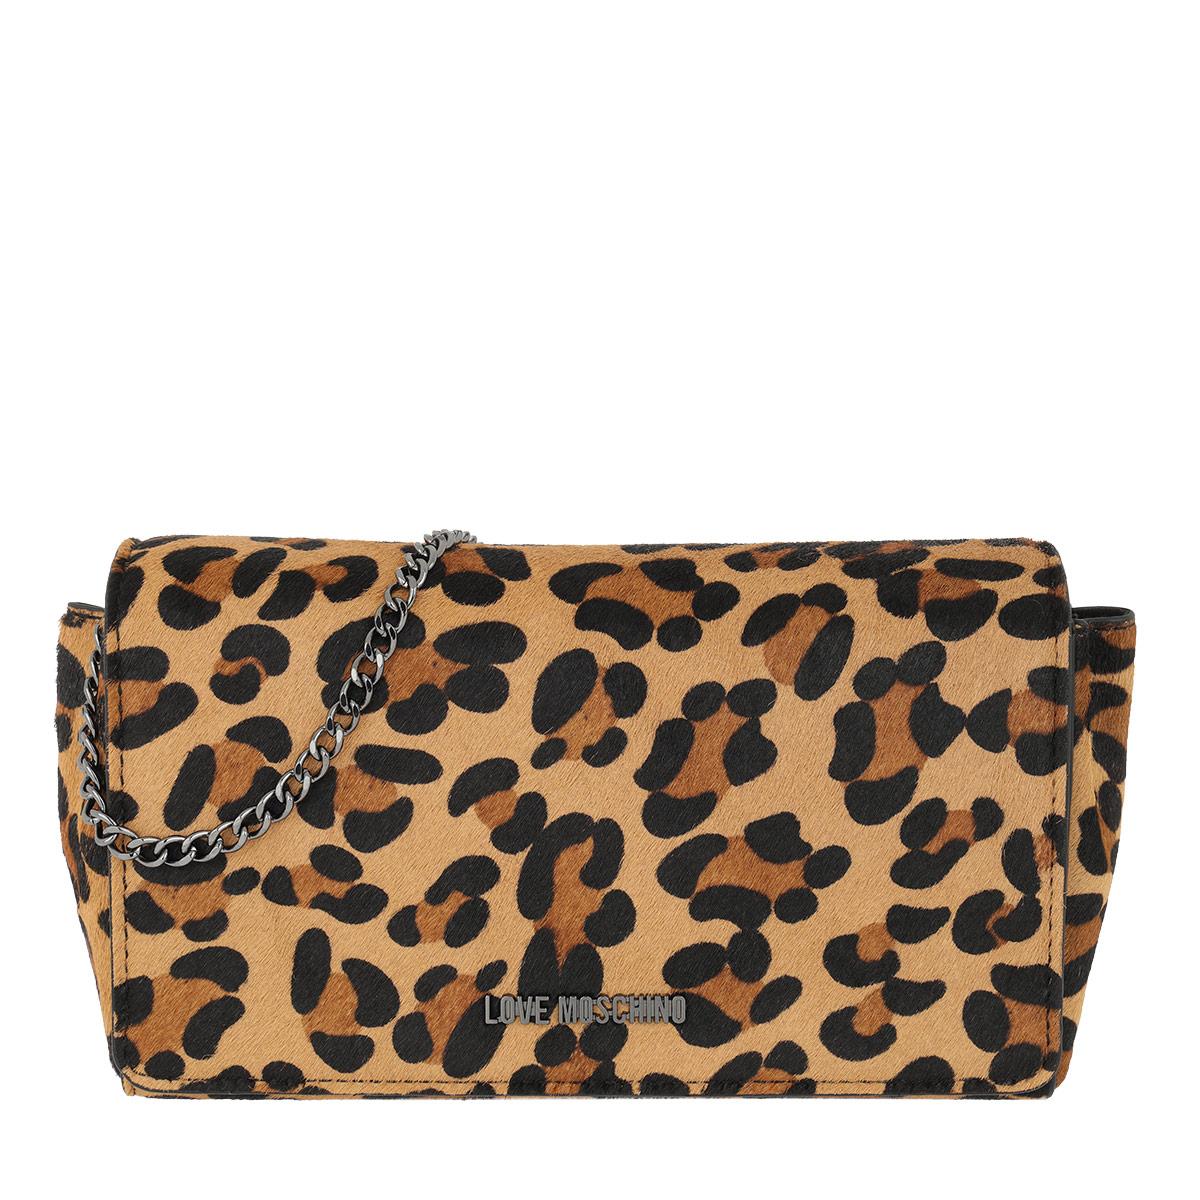 Love Moschino Umhängetasche - Cavallino Leopard Crossbody Bag Leopardo - in cognac - für Damen